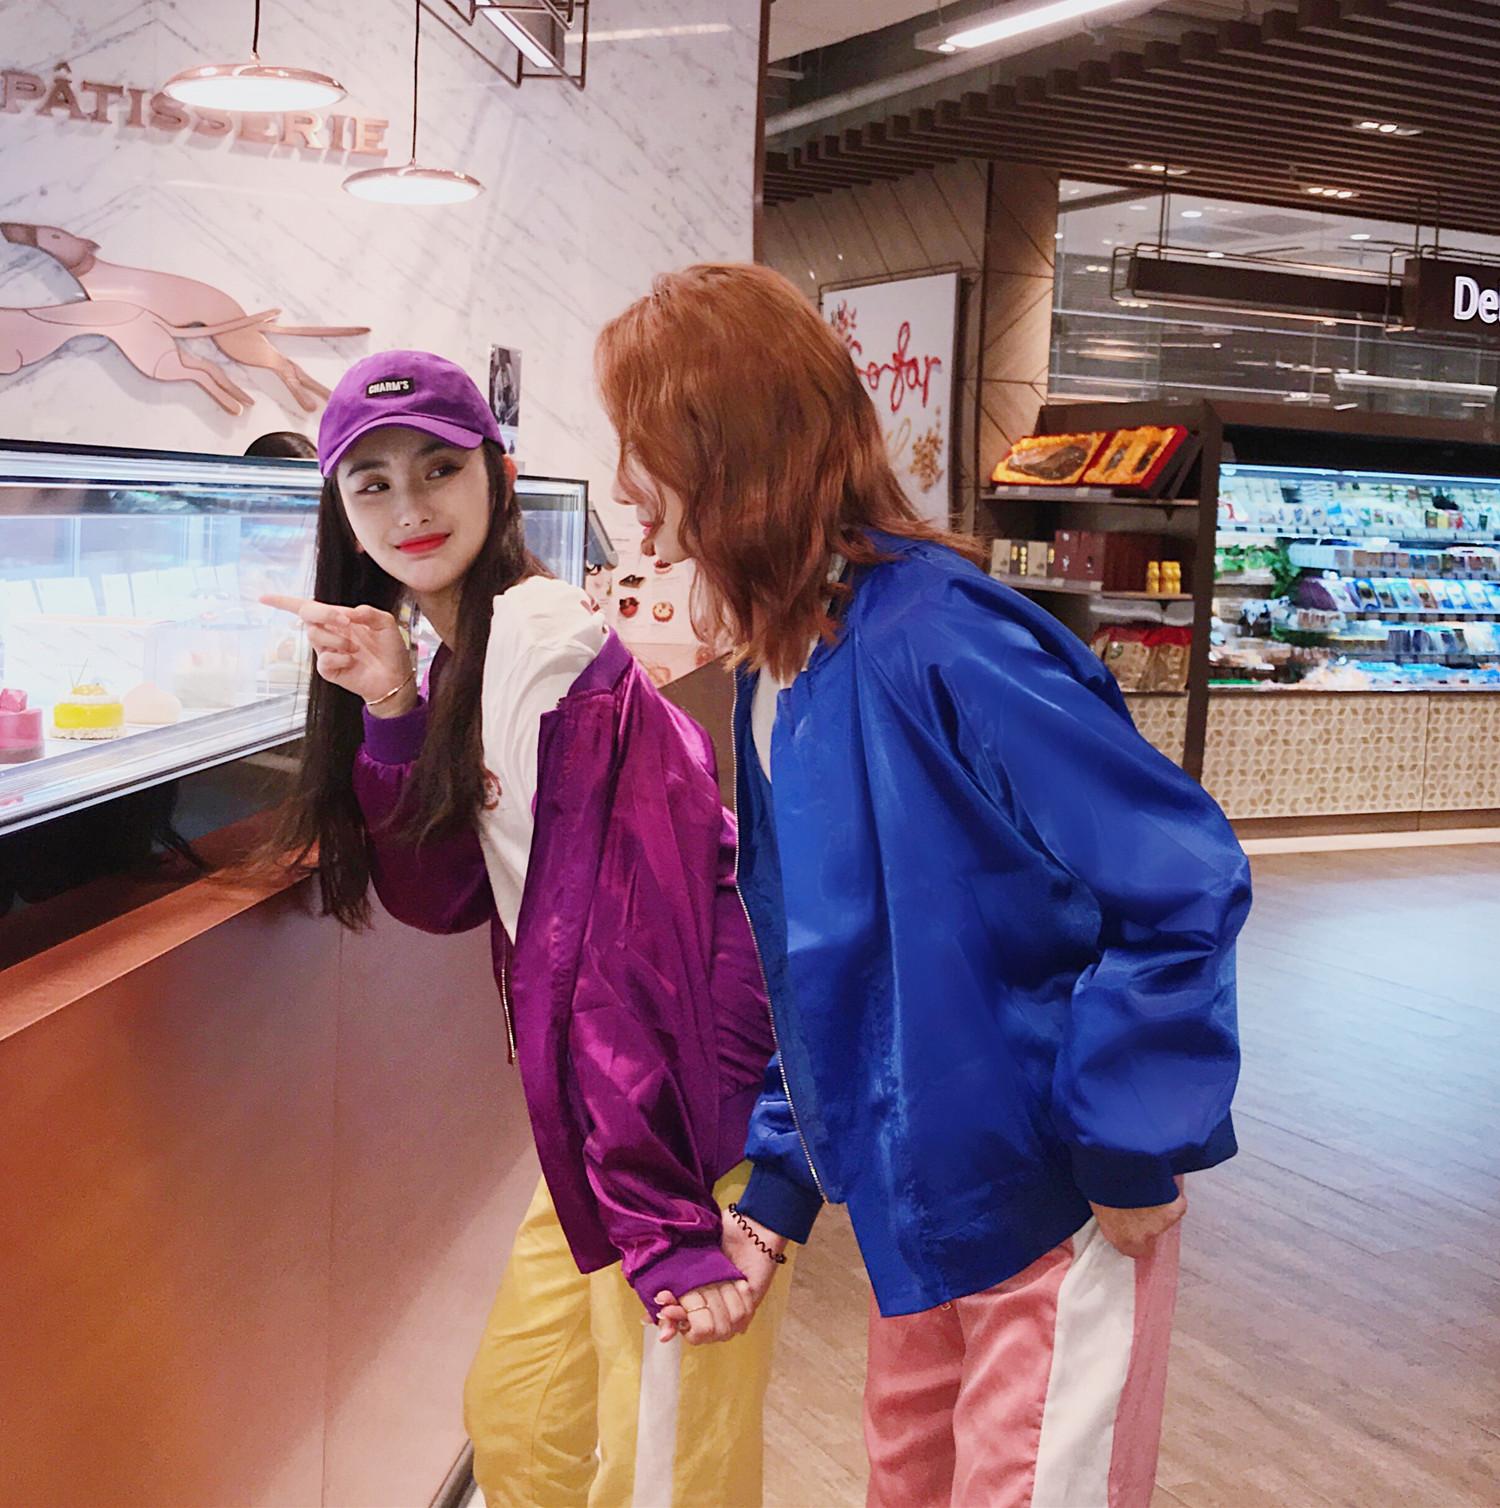 实拍 秋装新款闺蜜紫色短款宽松百搭缎面夹克棒球服短外套